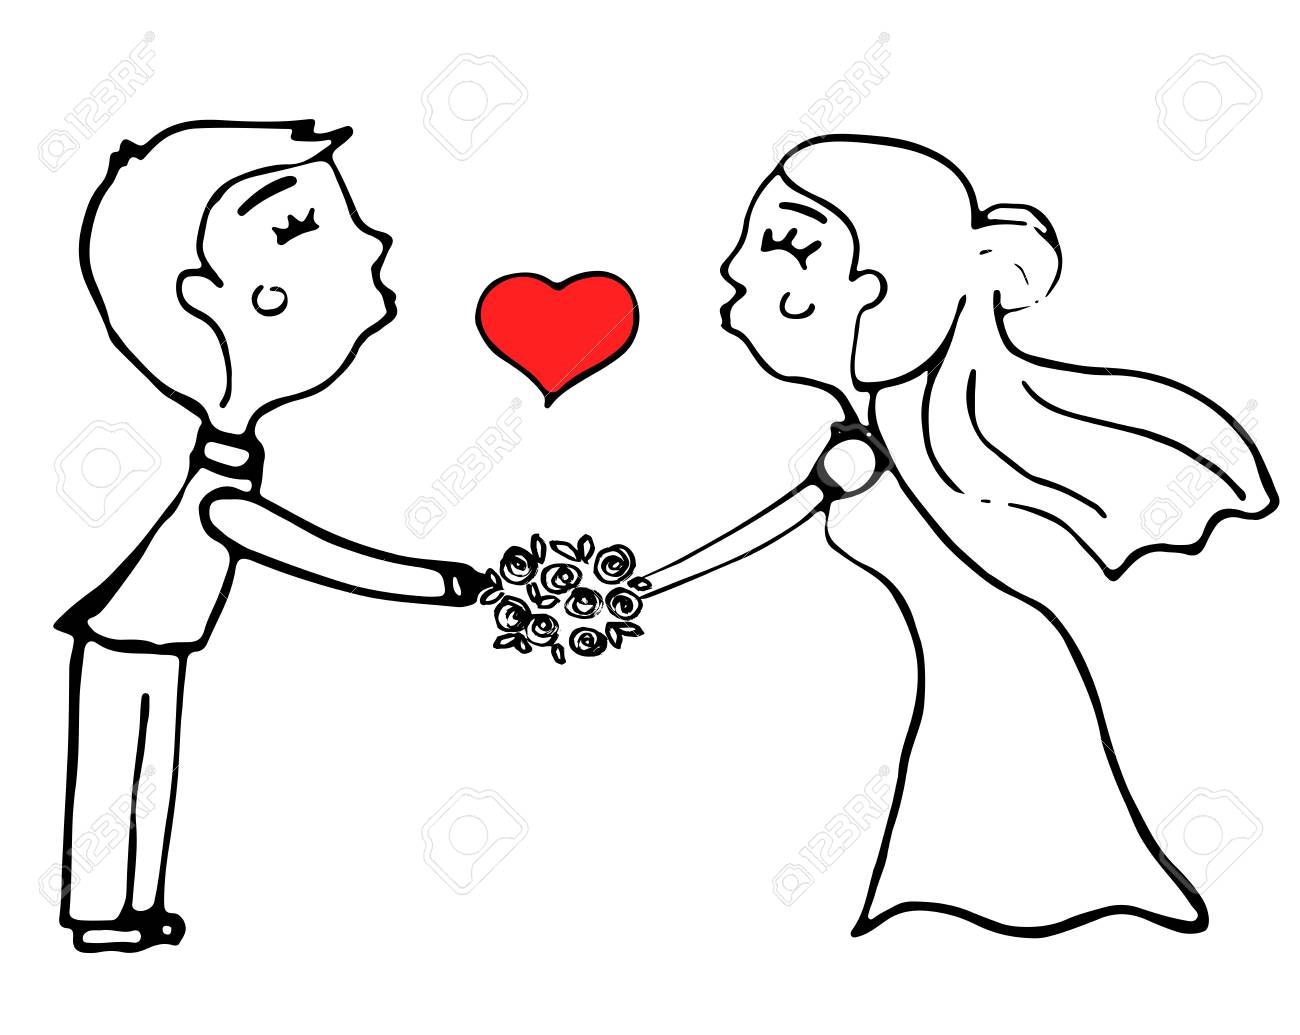 結婚式のカップル イラスト漫画。 ロイヤリティフリークリップアート